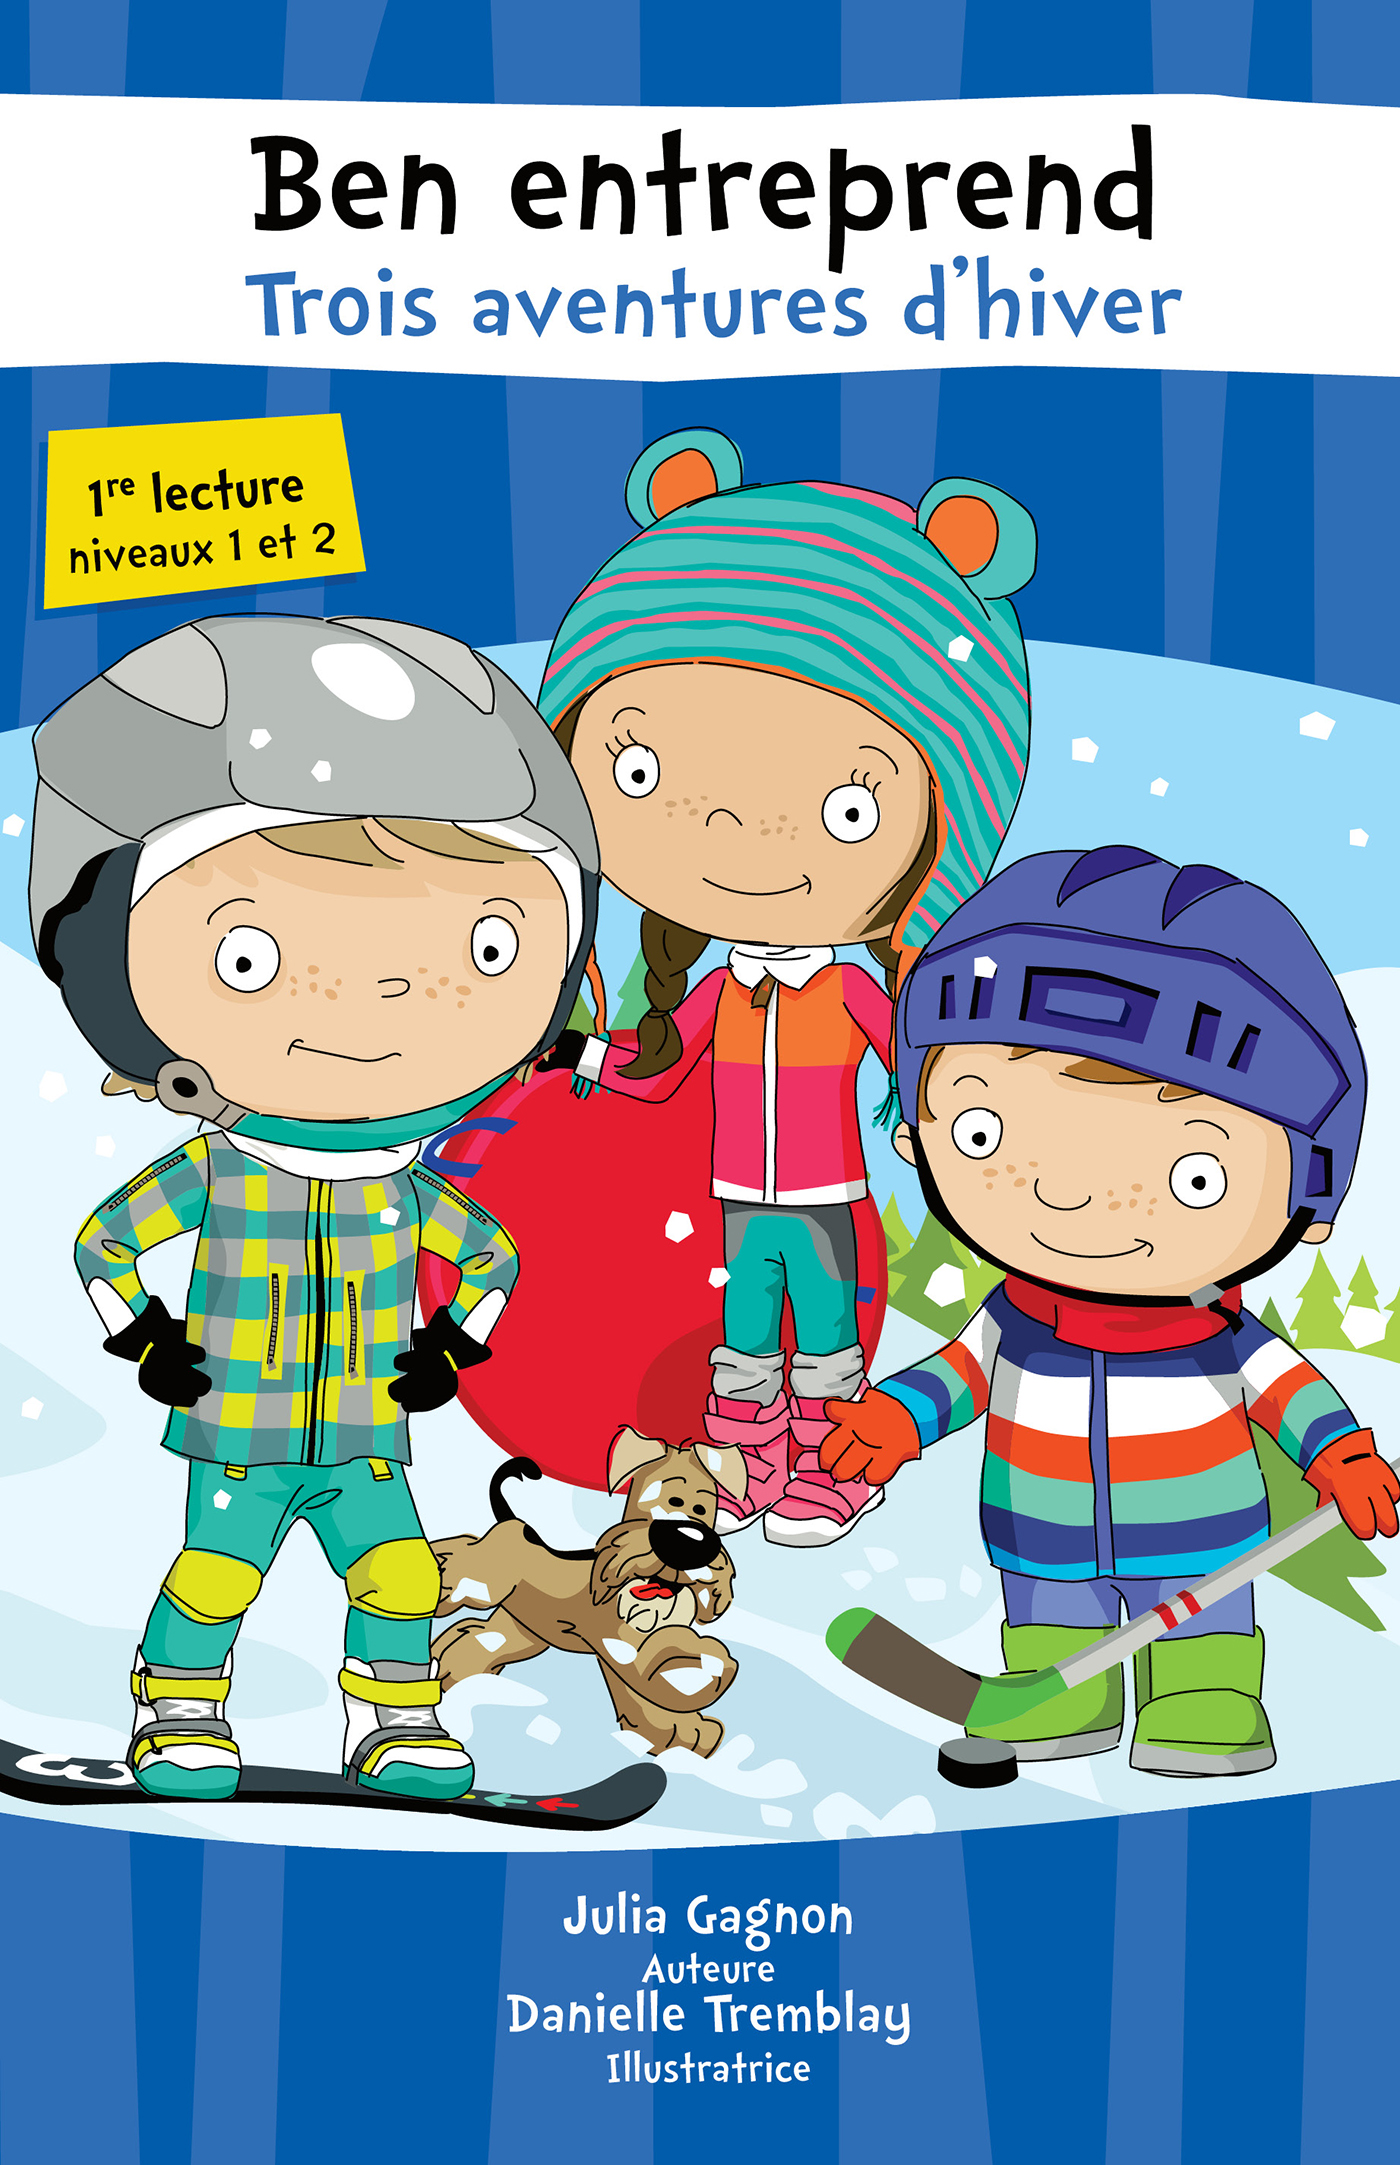 Ben entreprend Trois aventures d'hiver